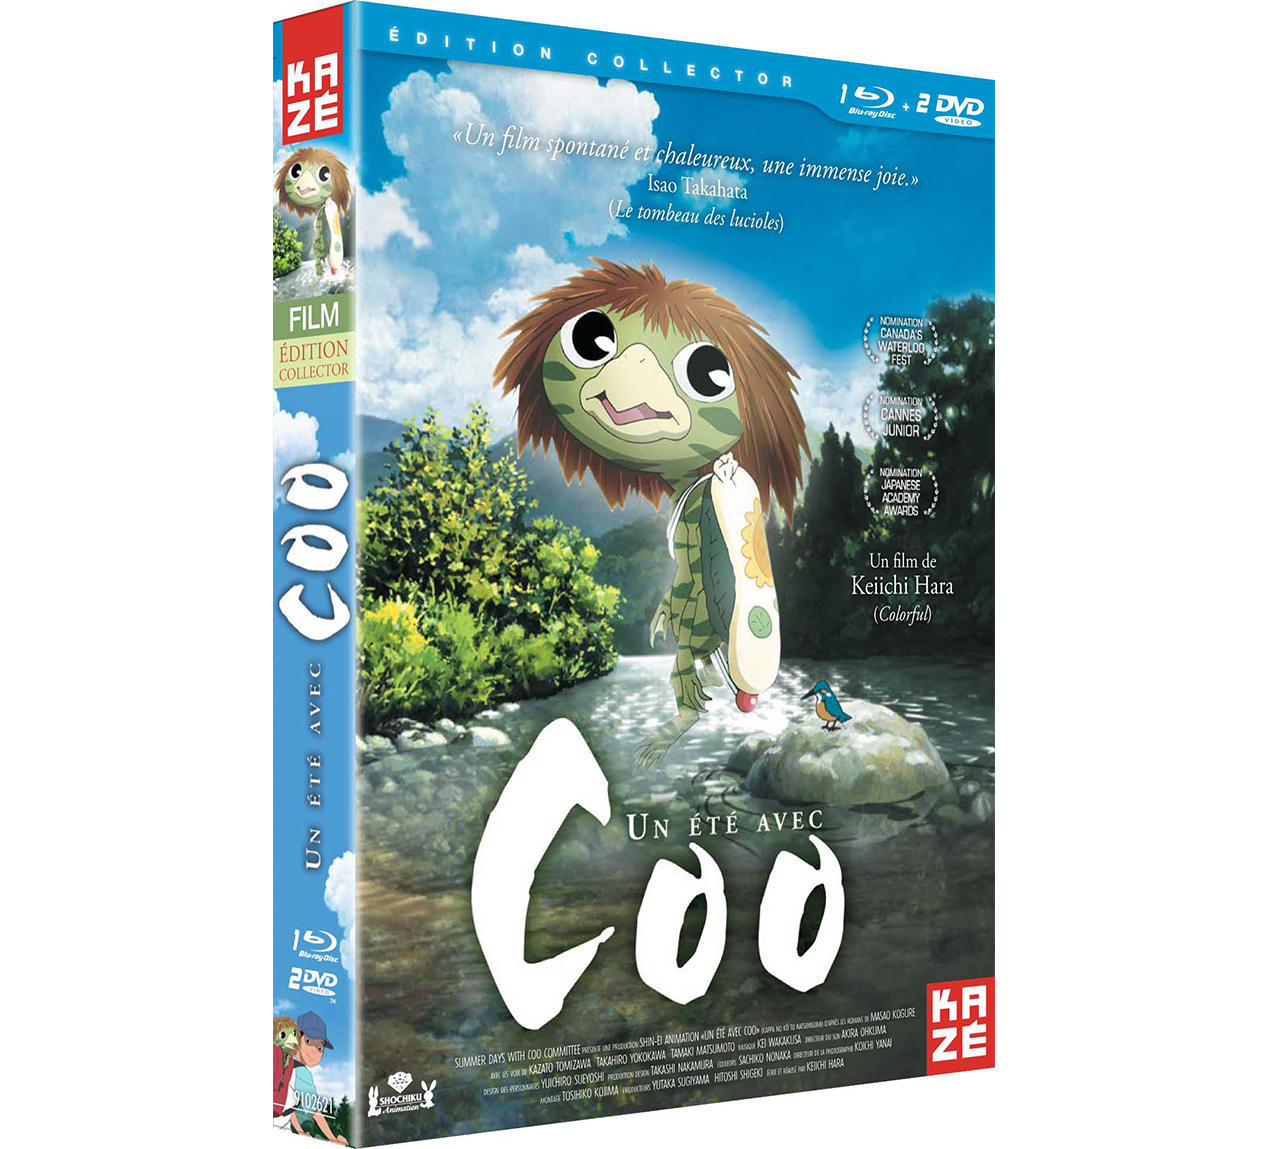 Un été avec Coo